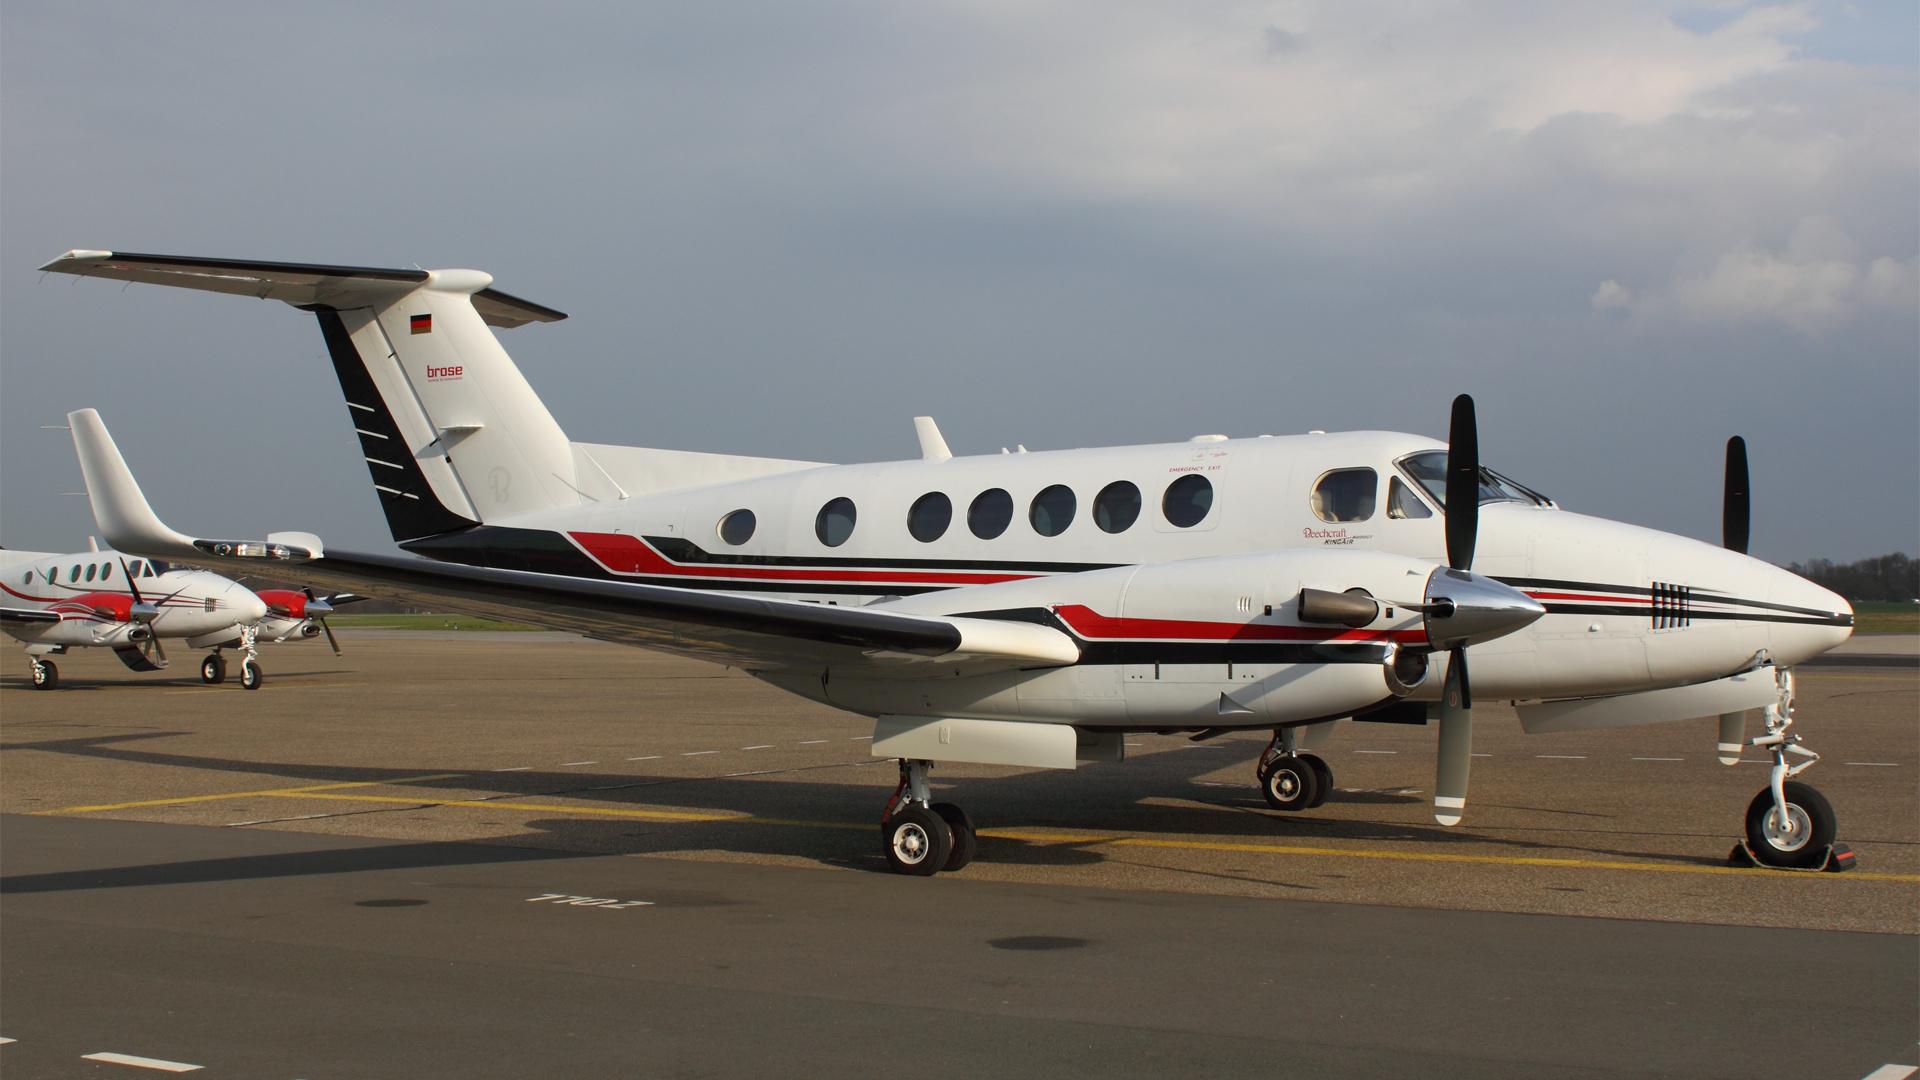 D-IBTA-1 B200 ESS 201103